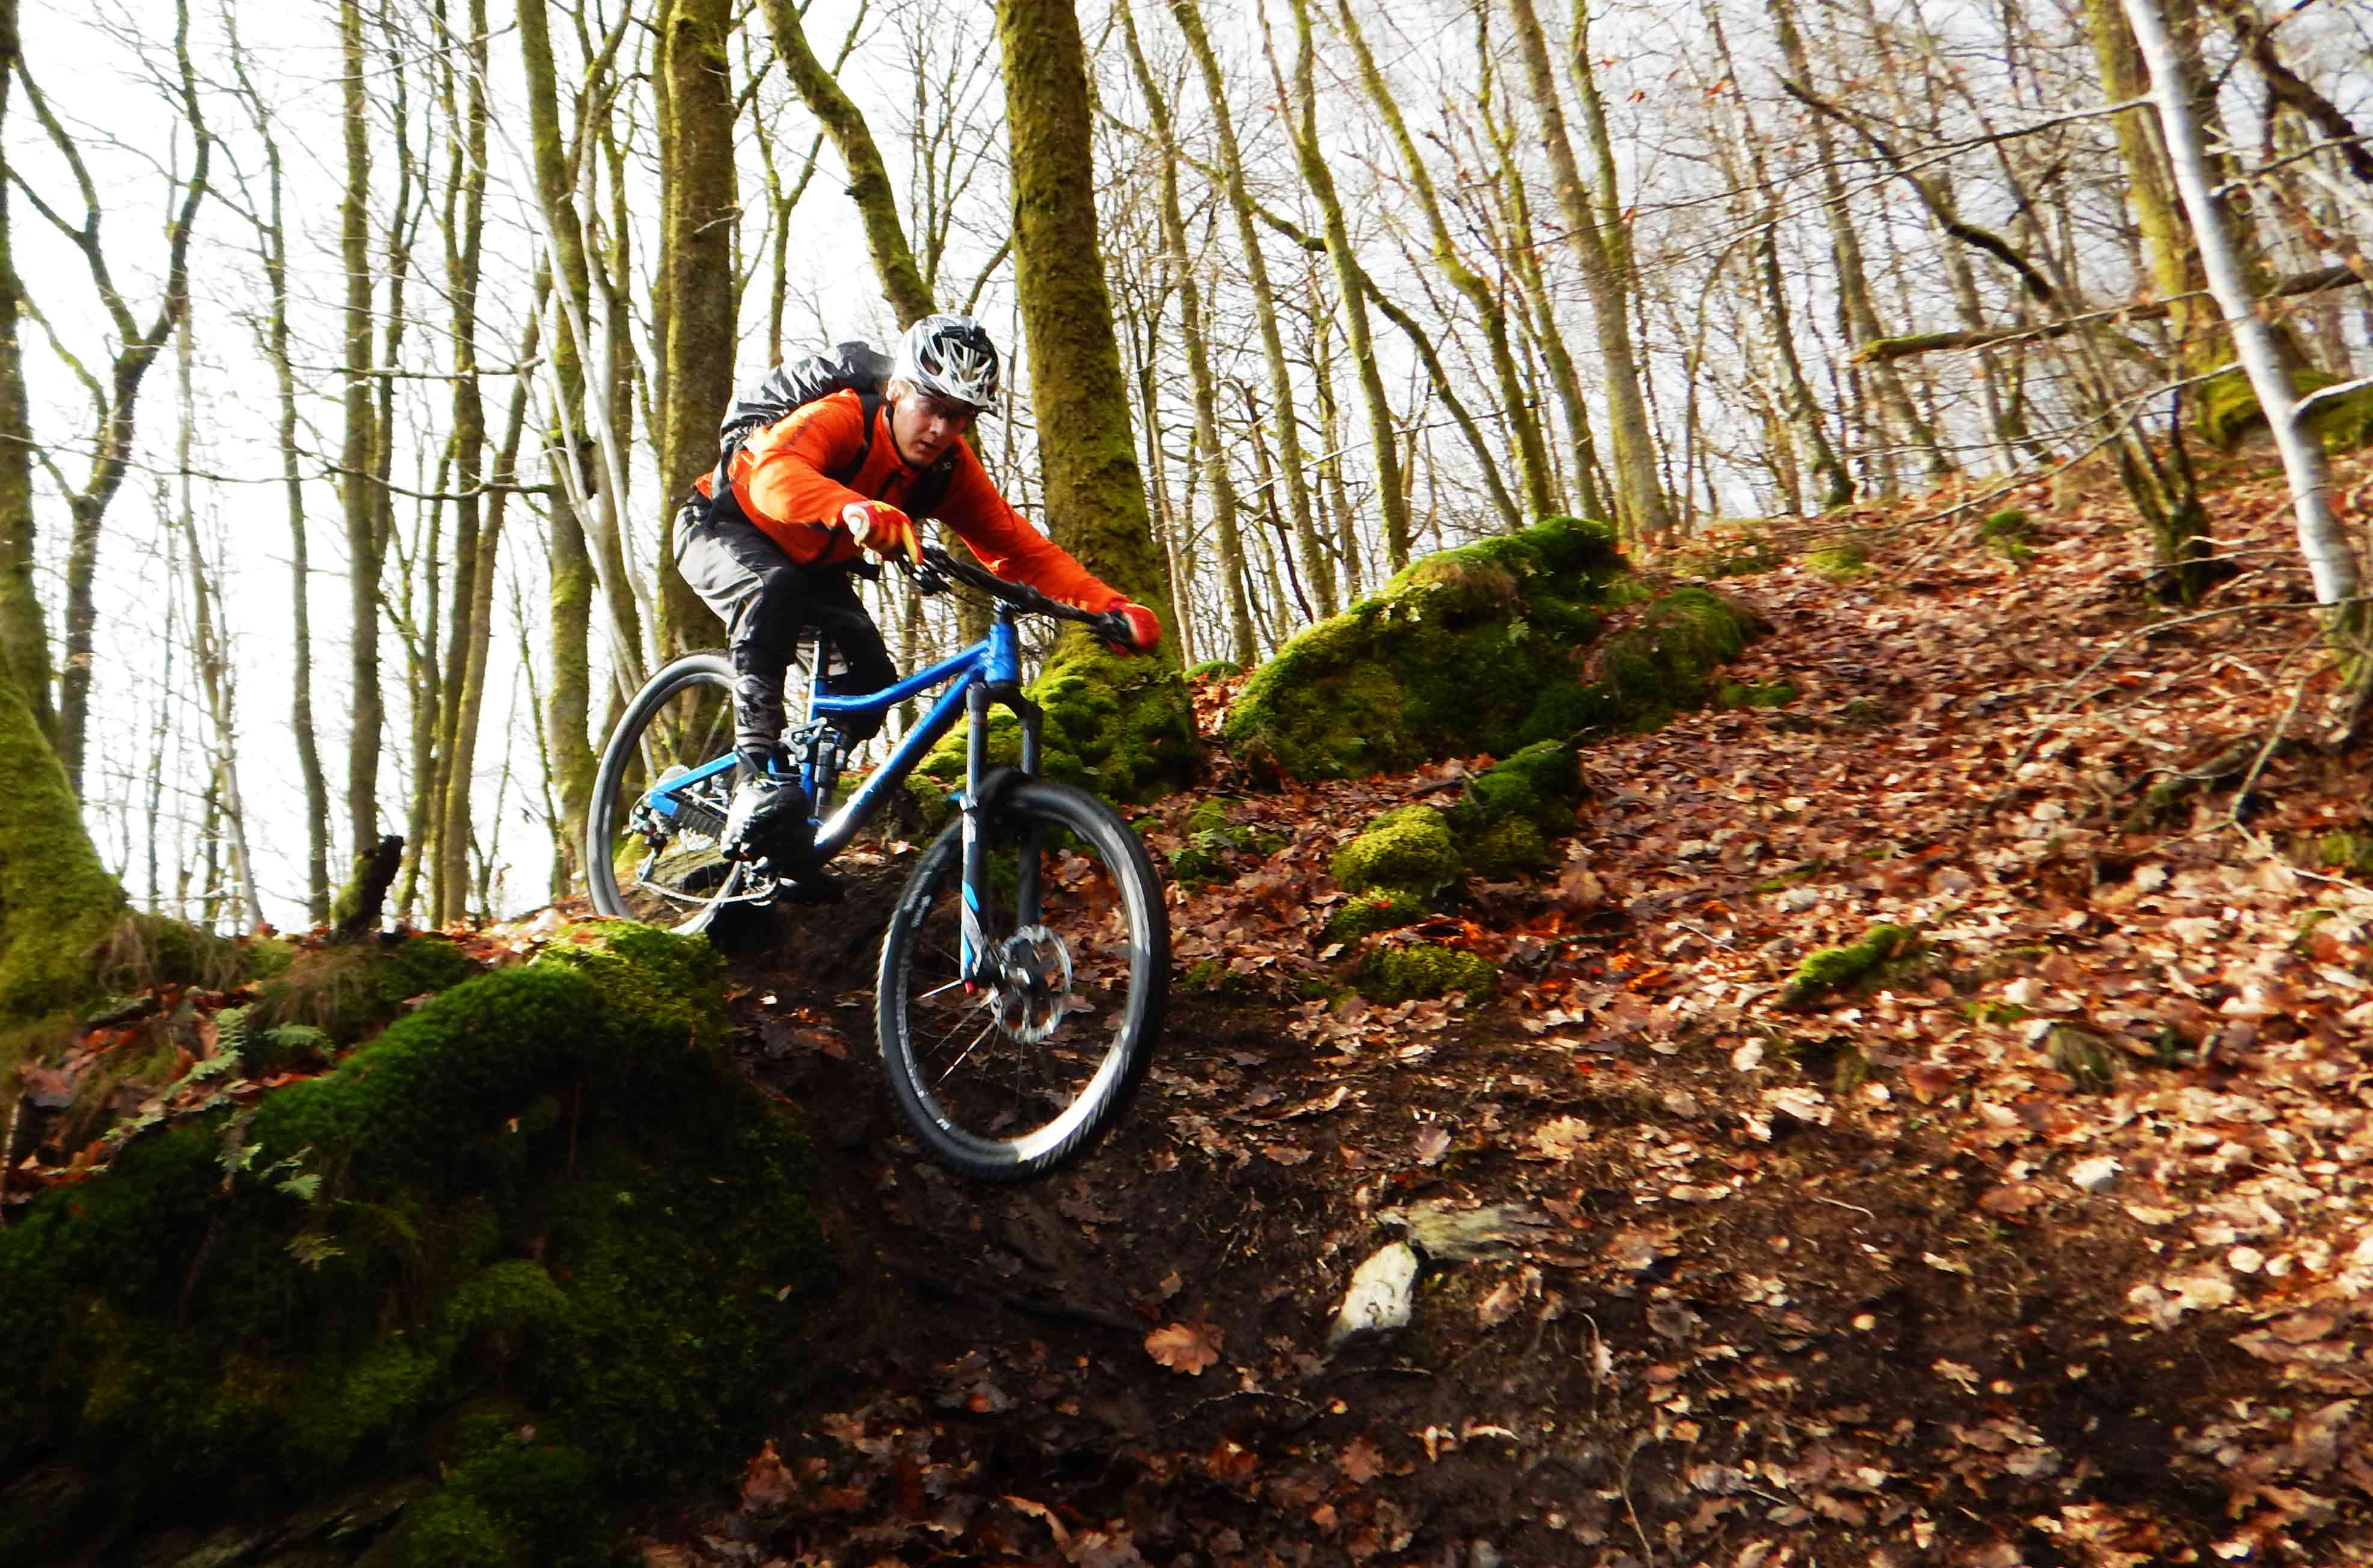 Robbert dropt in een technische trail in het franse bos in de Ardennen